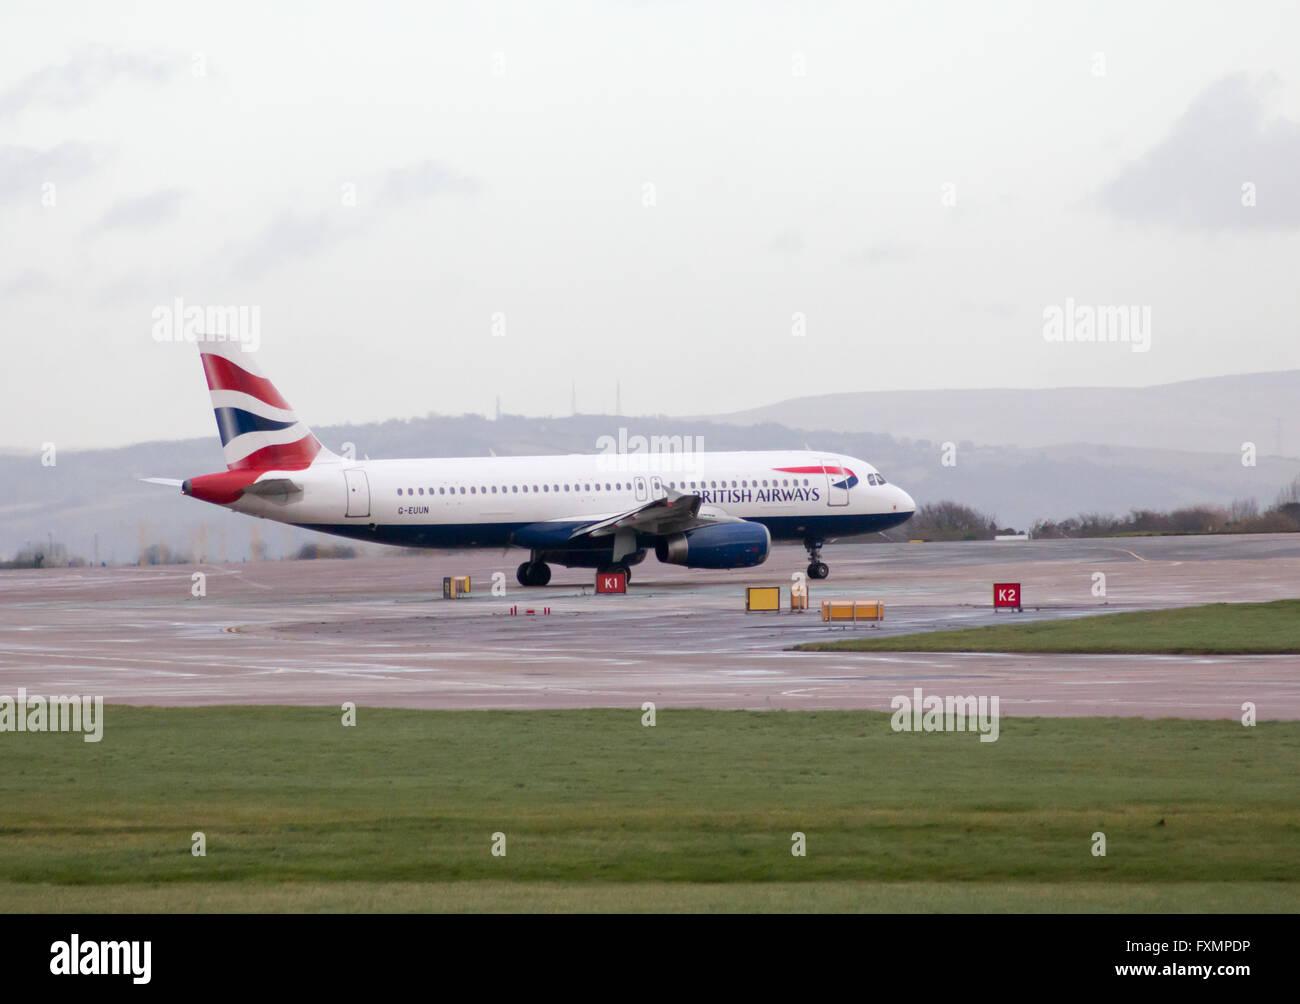 British Airways Airbus A320 narrow-body passenger plane (G